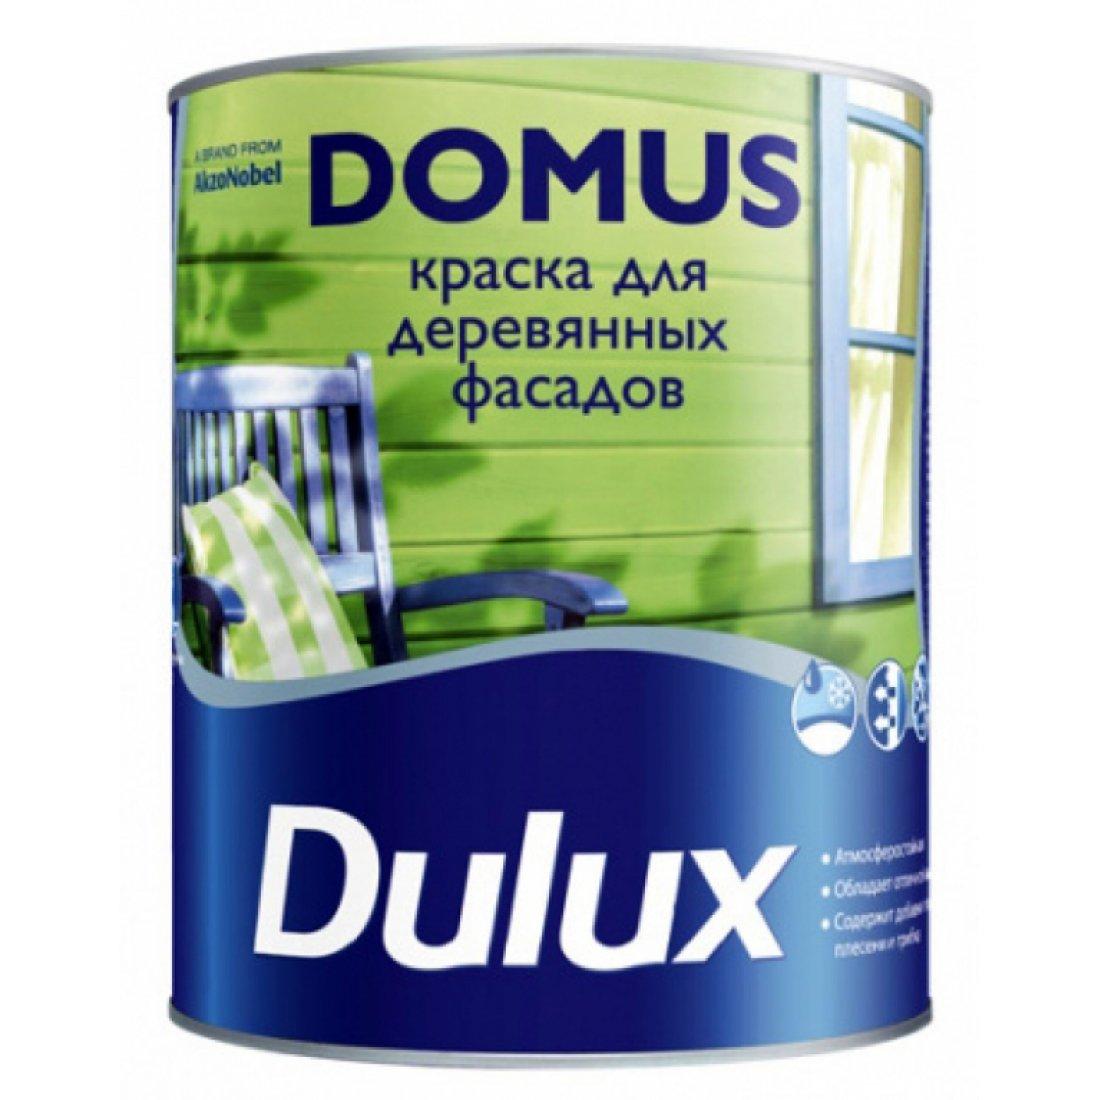 DULUX DOMUS краска для деревянных фасадов, алкидно-масляная, Баз BC, полуглянцевая, бесц, (9л)